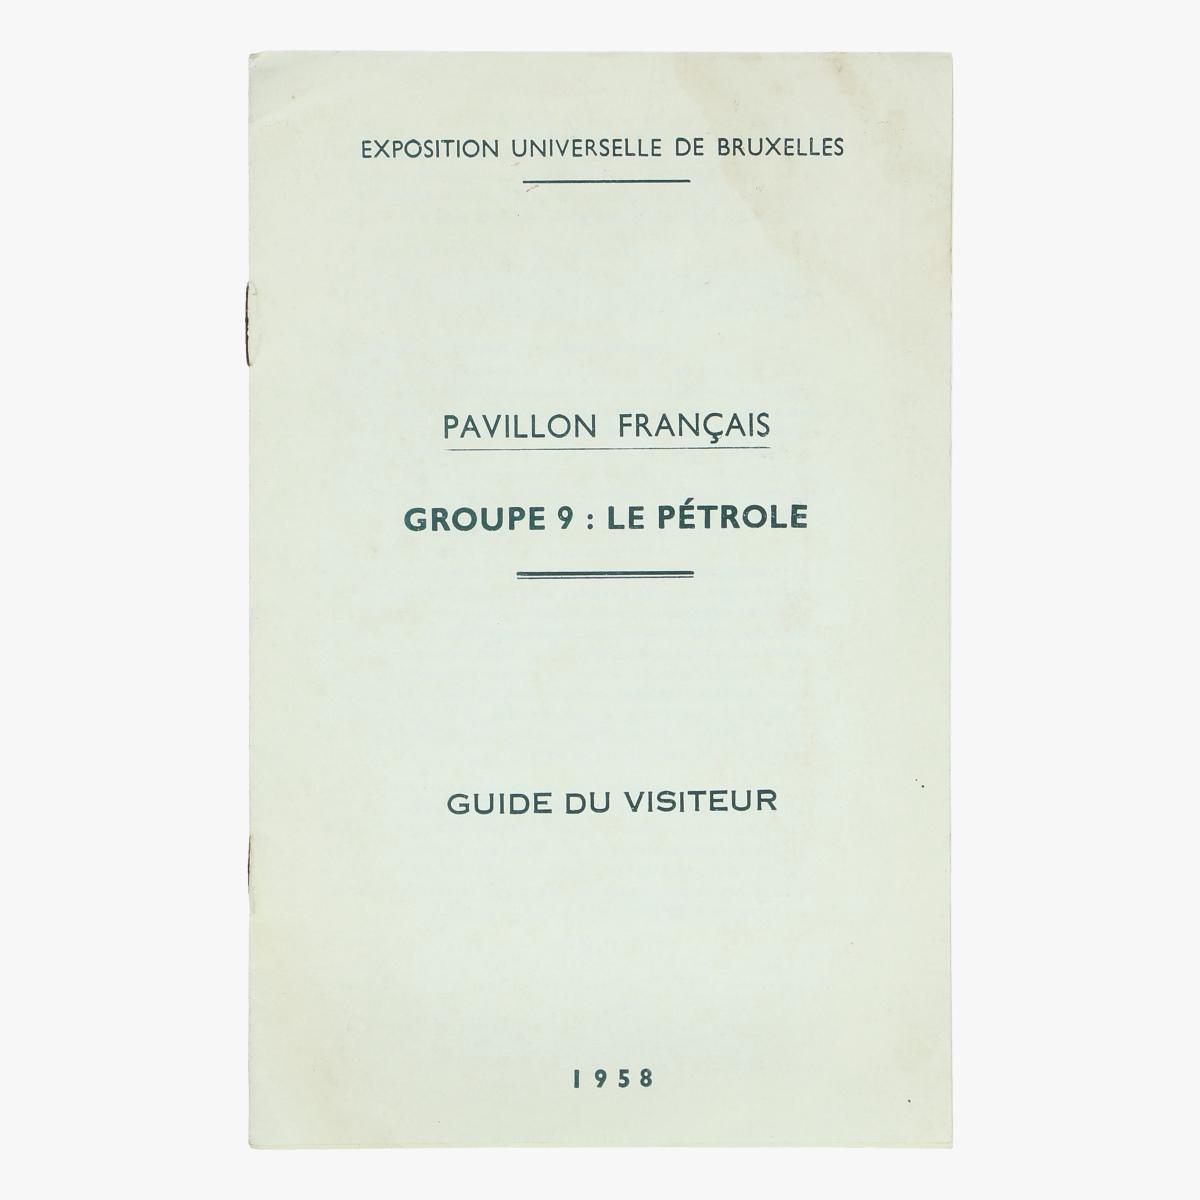 Afbeeldingen van expo 58 pavillon français groupe 9: le pétrole guide du visiteur